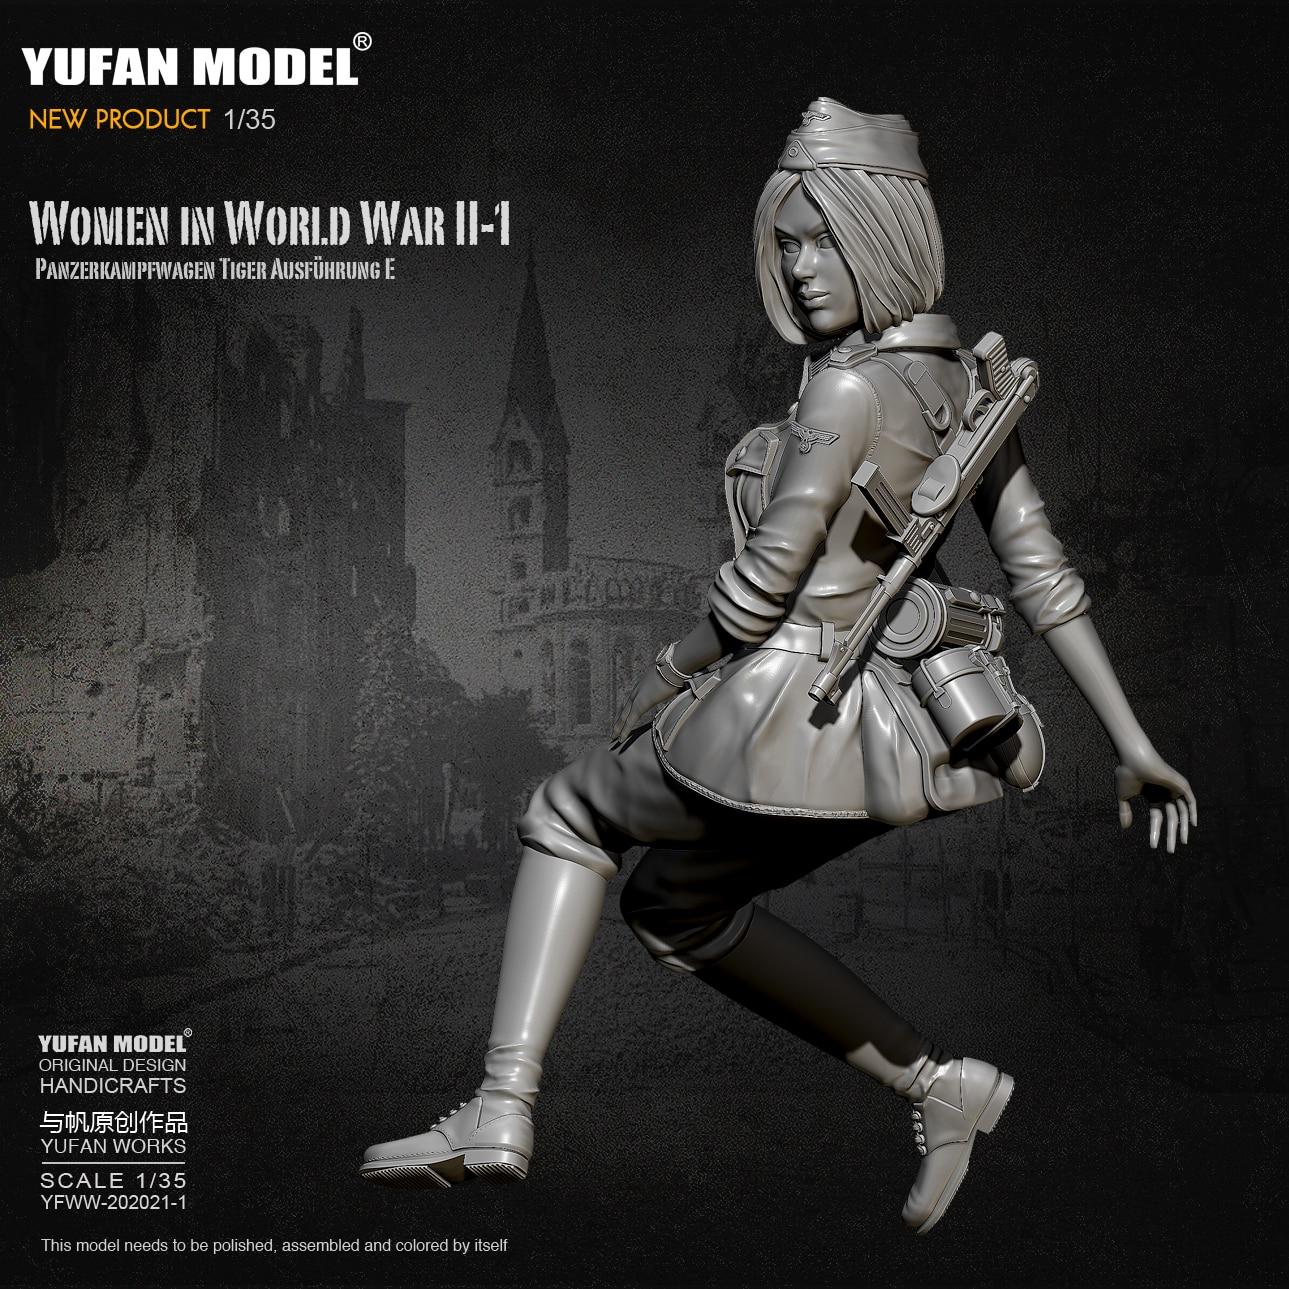 1/35 Resin Figure Kits German Female Tank Soldier Model Self-assembled YFWW-2065-1